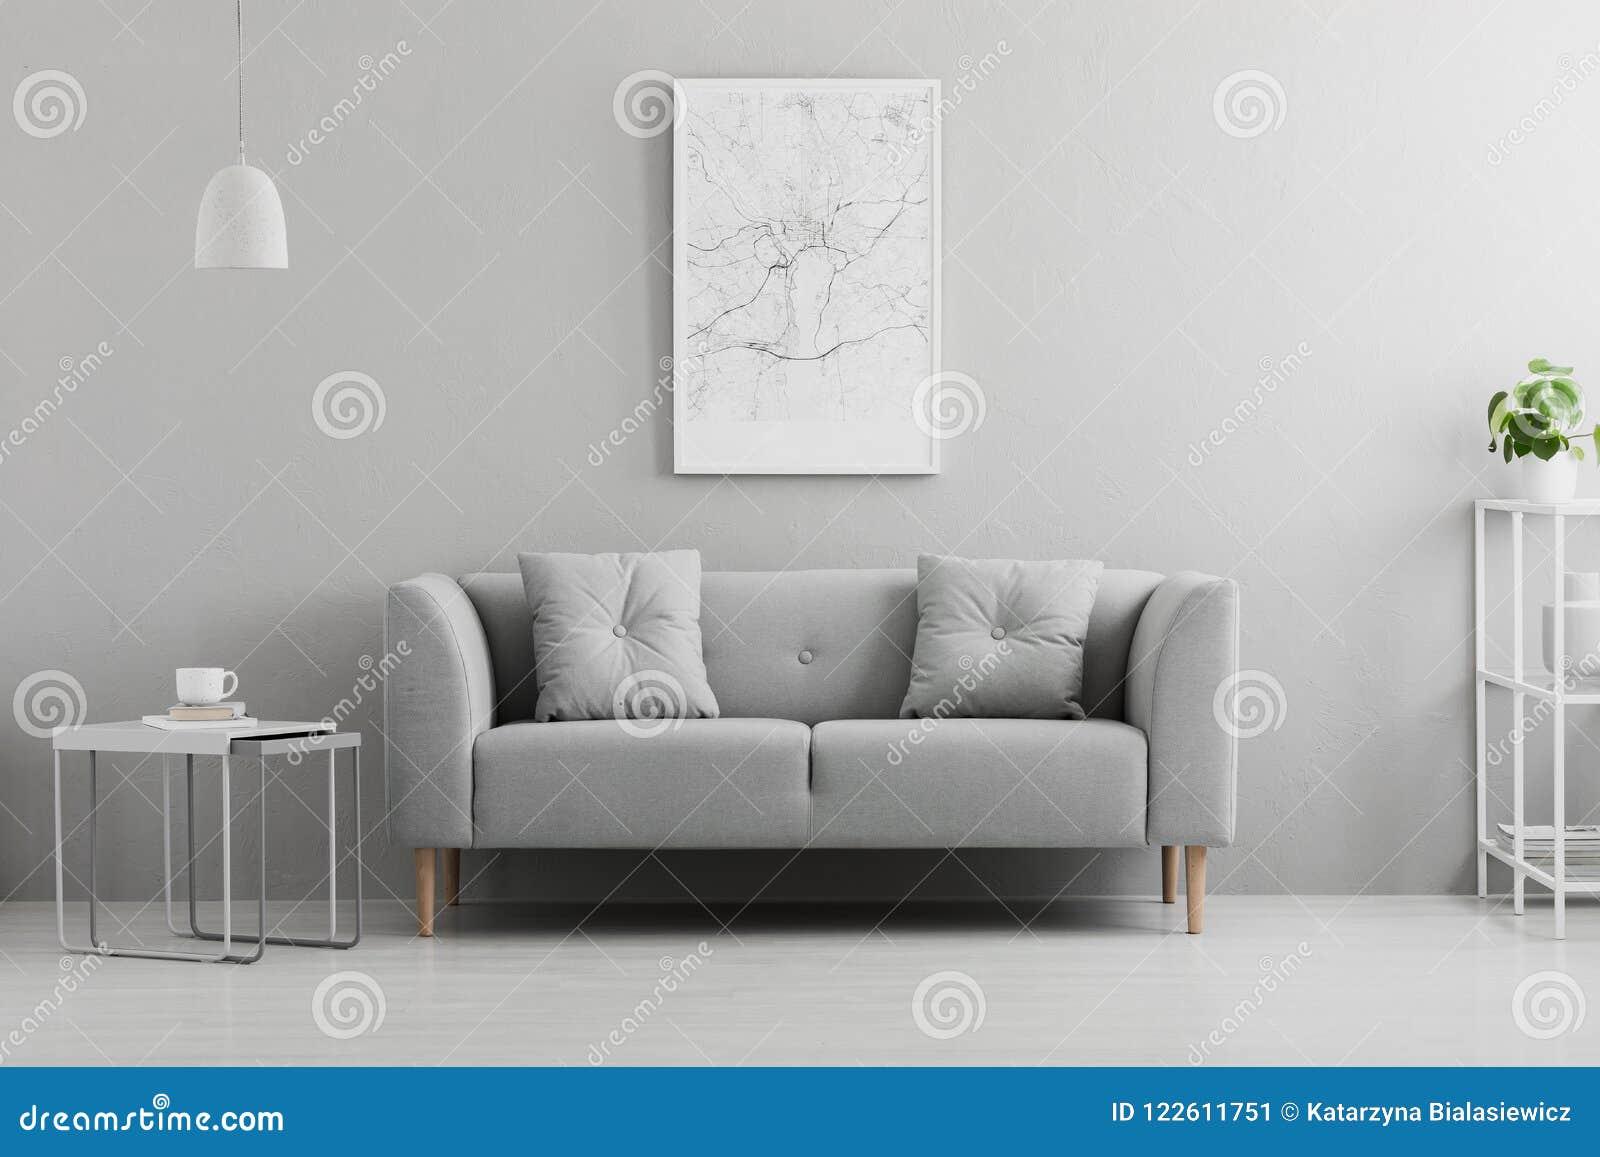 Плакат над серым креслом в минимальном интерьере живущей комнаты с таблицей лампы вышеуказанной Реальное фото